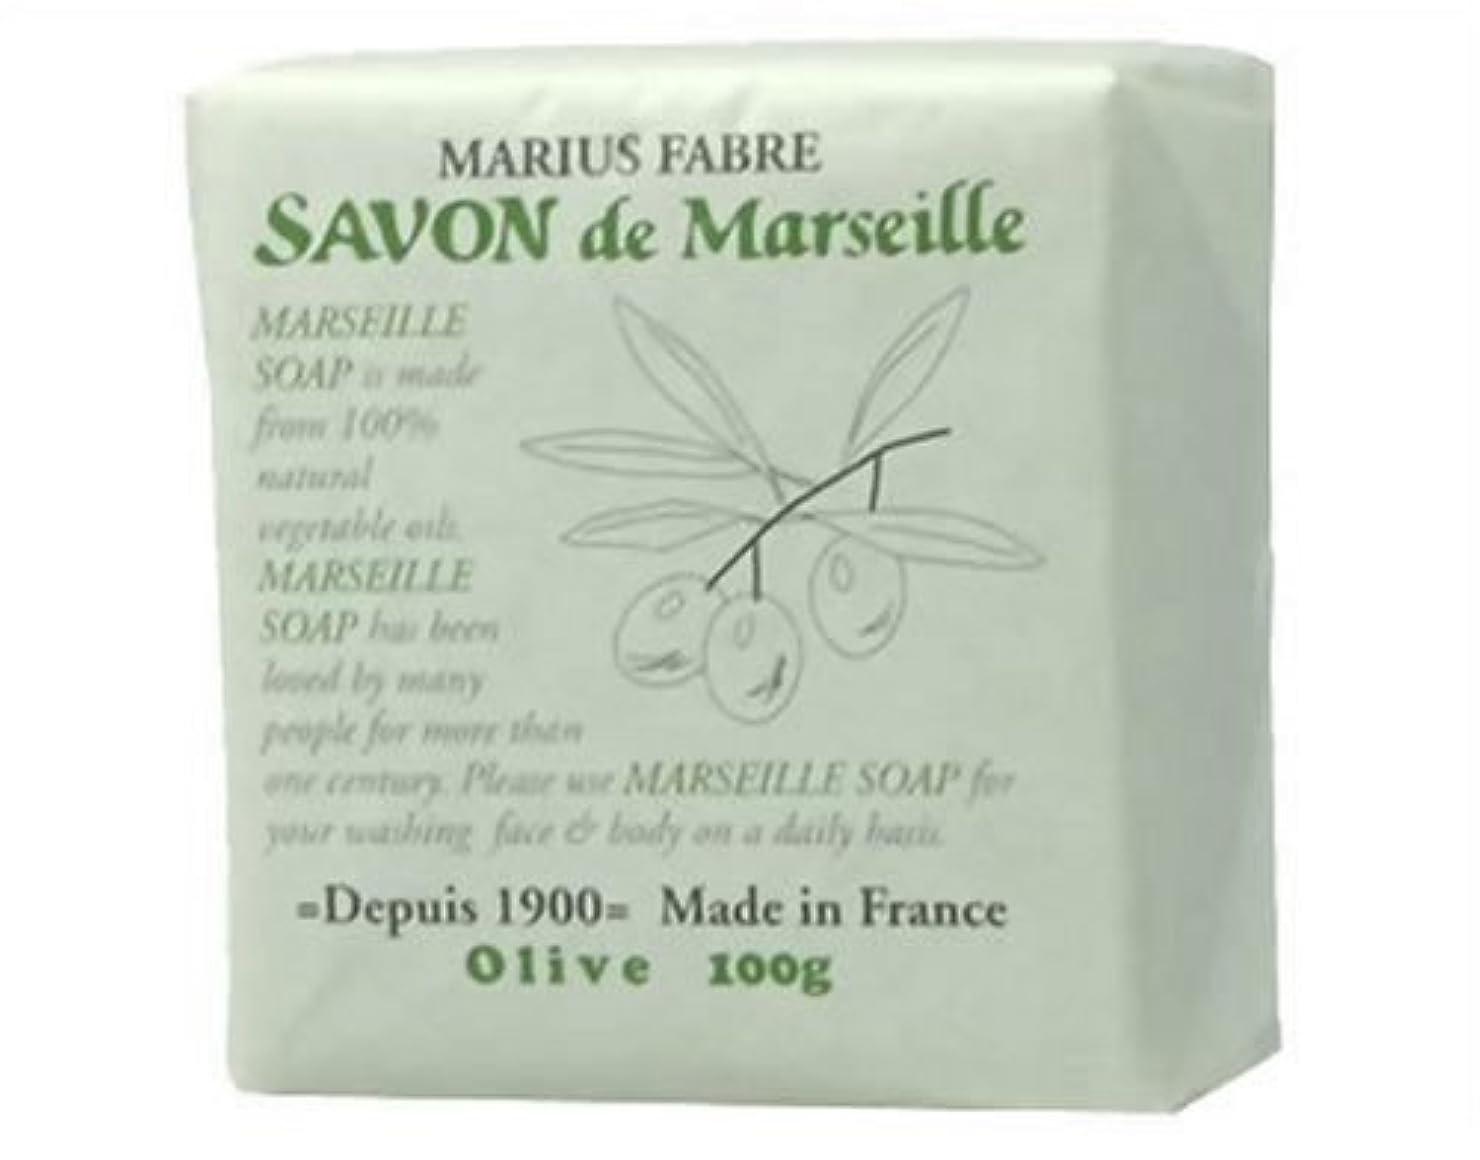 恥犯罪気づかないサボン ド マルセイユ オリーブ 100g